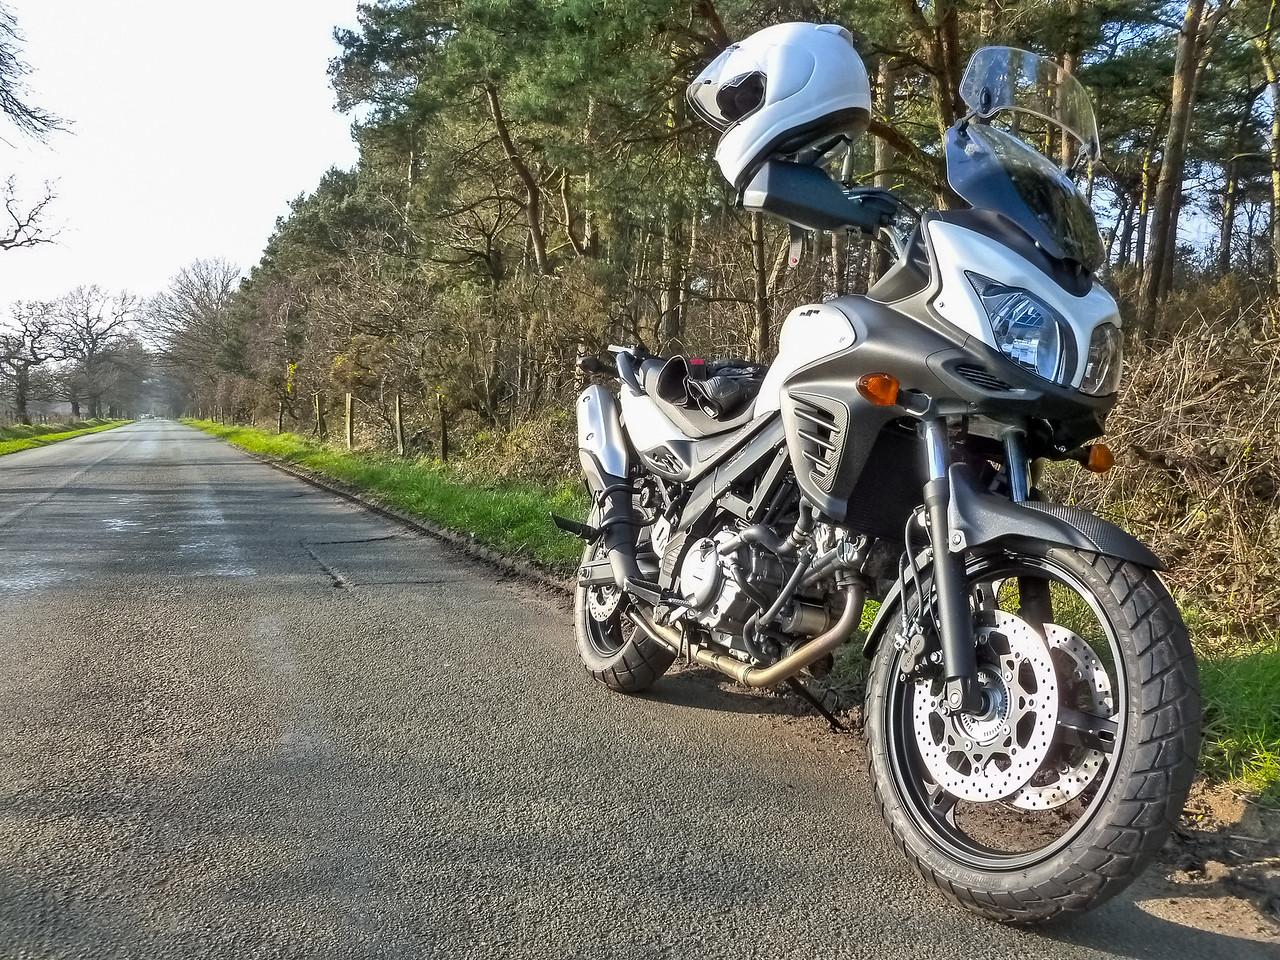 DL650 Vstrom Suzuki